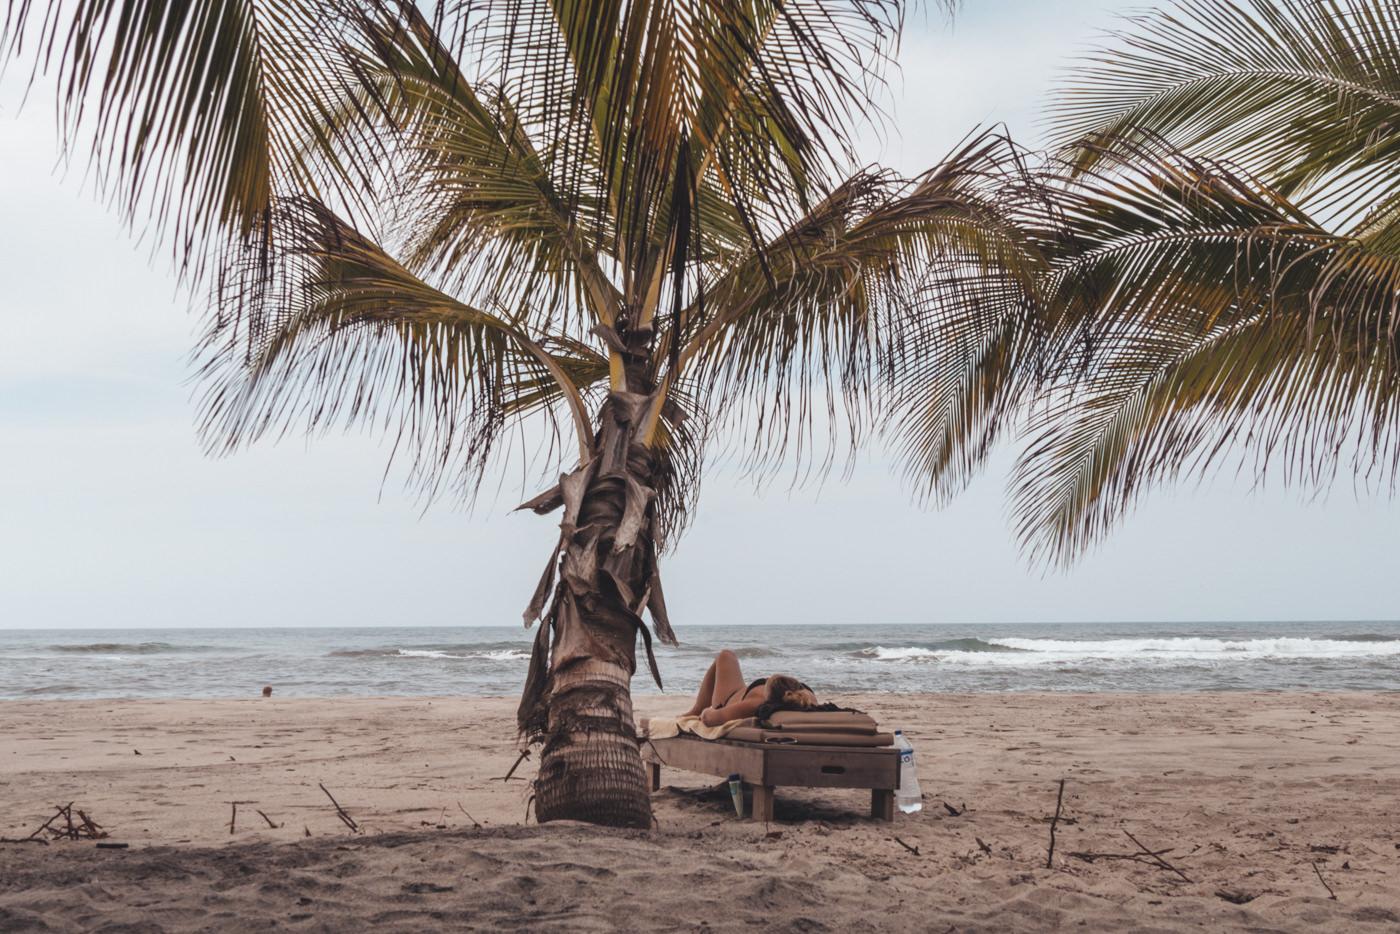 Julia unter einer Palme am Strand